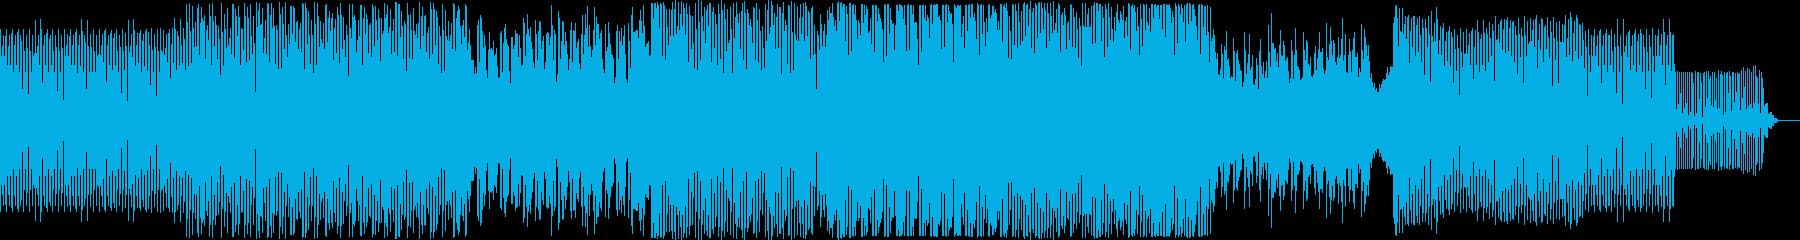 奇妙で安っぽい雰囲気の電子楽器。レ...の再生済みの波形